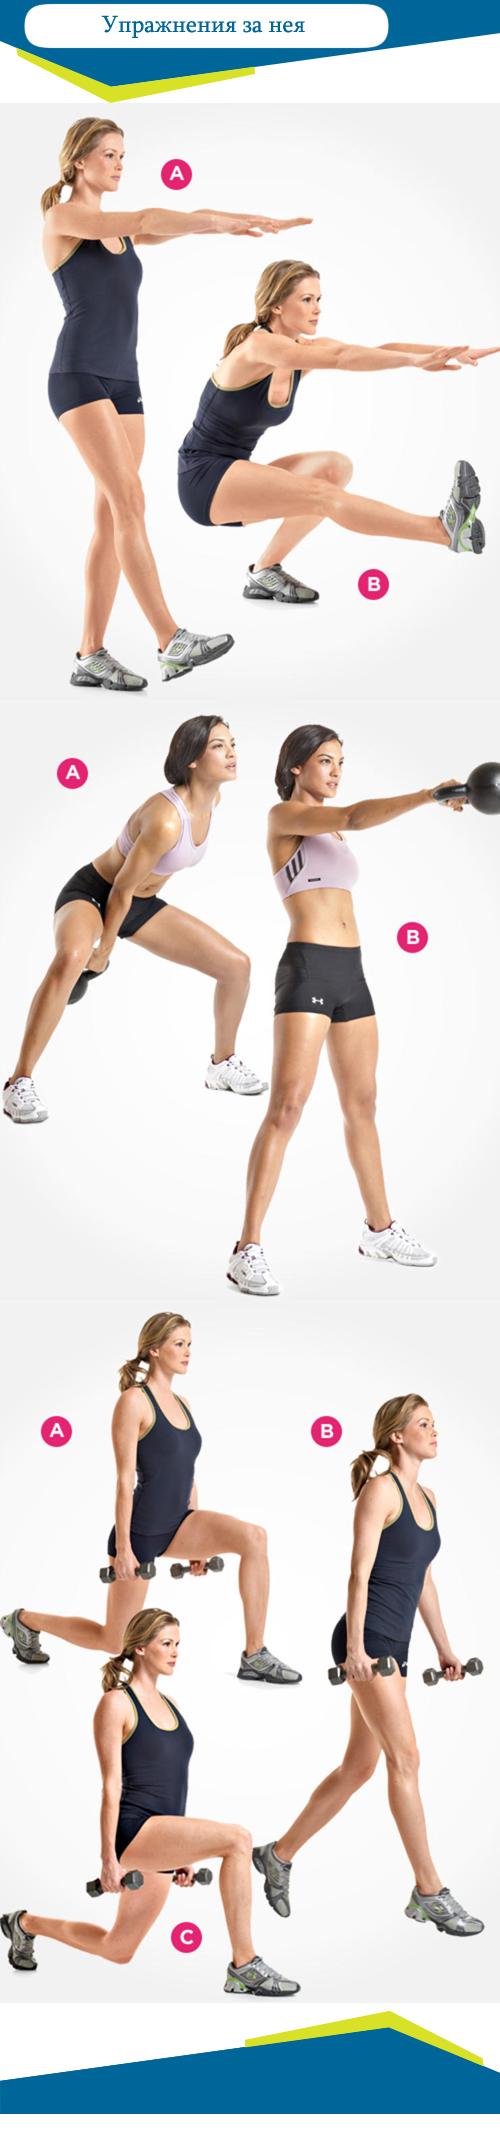 Тренировки за крака за нея